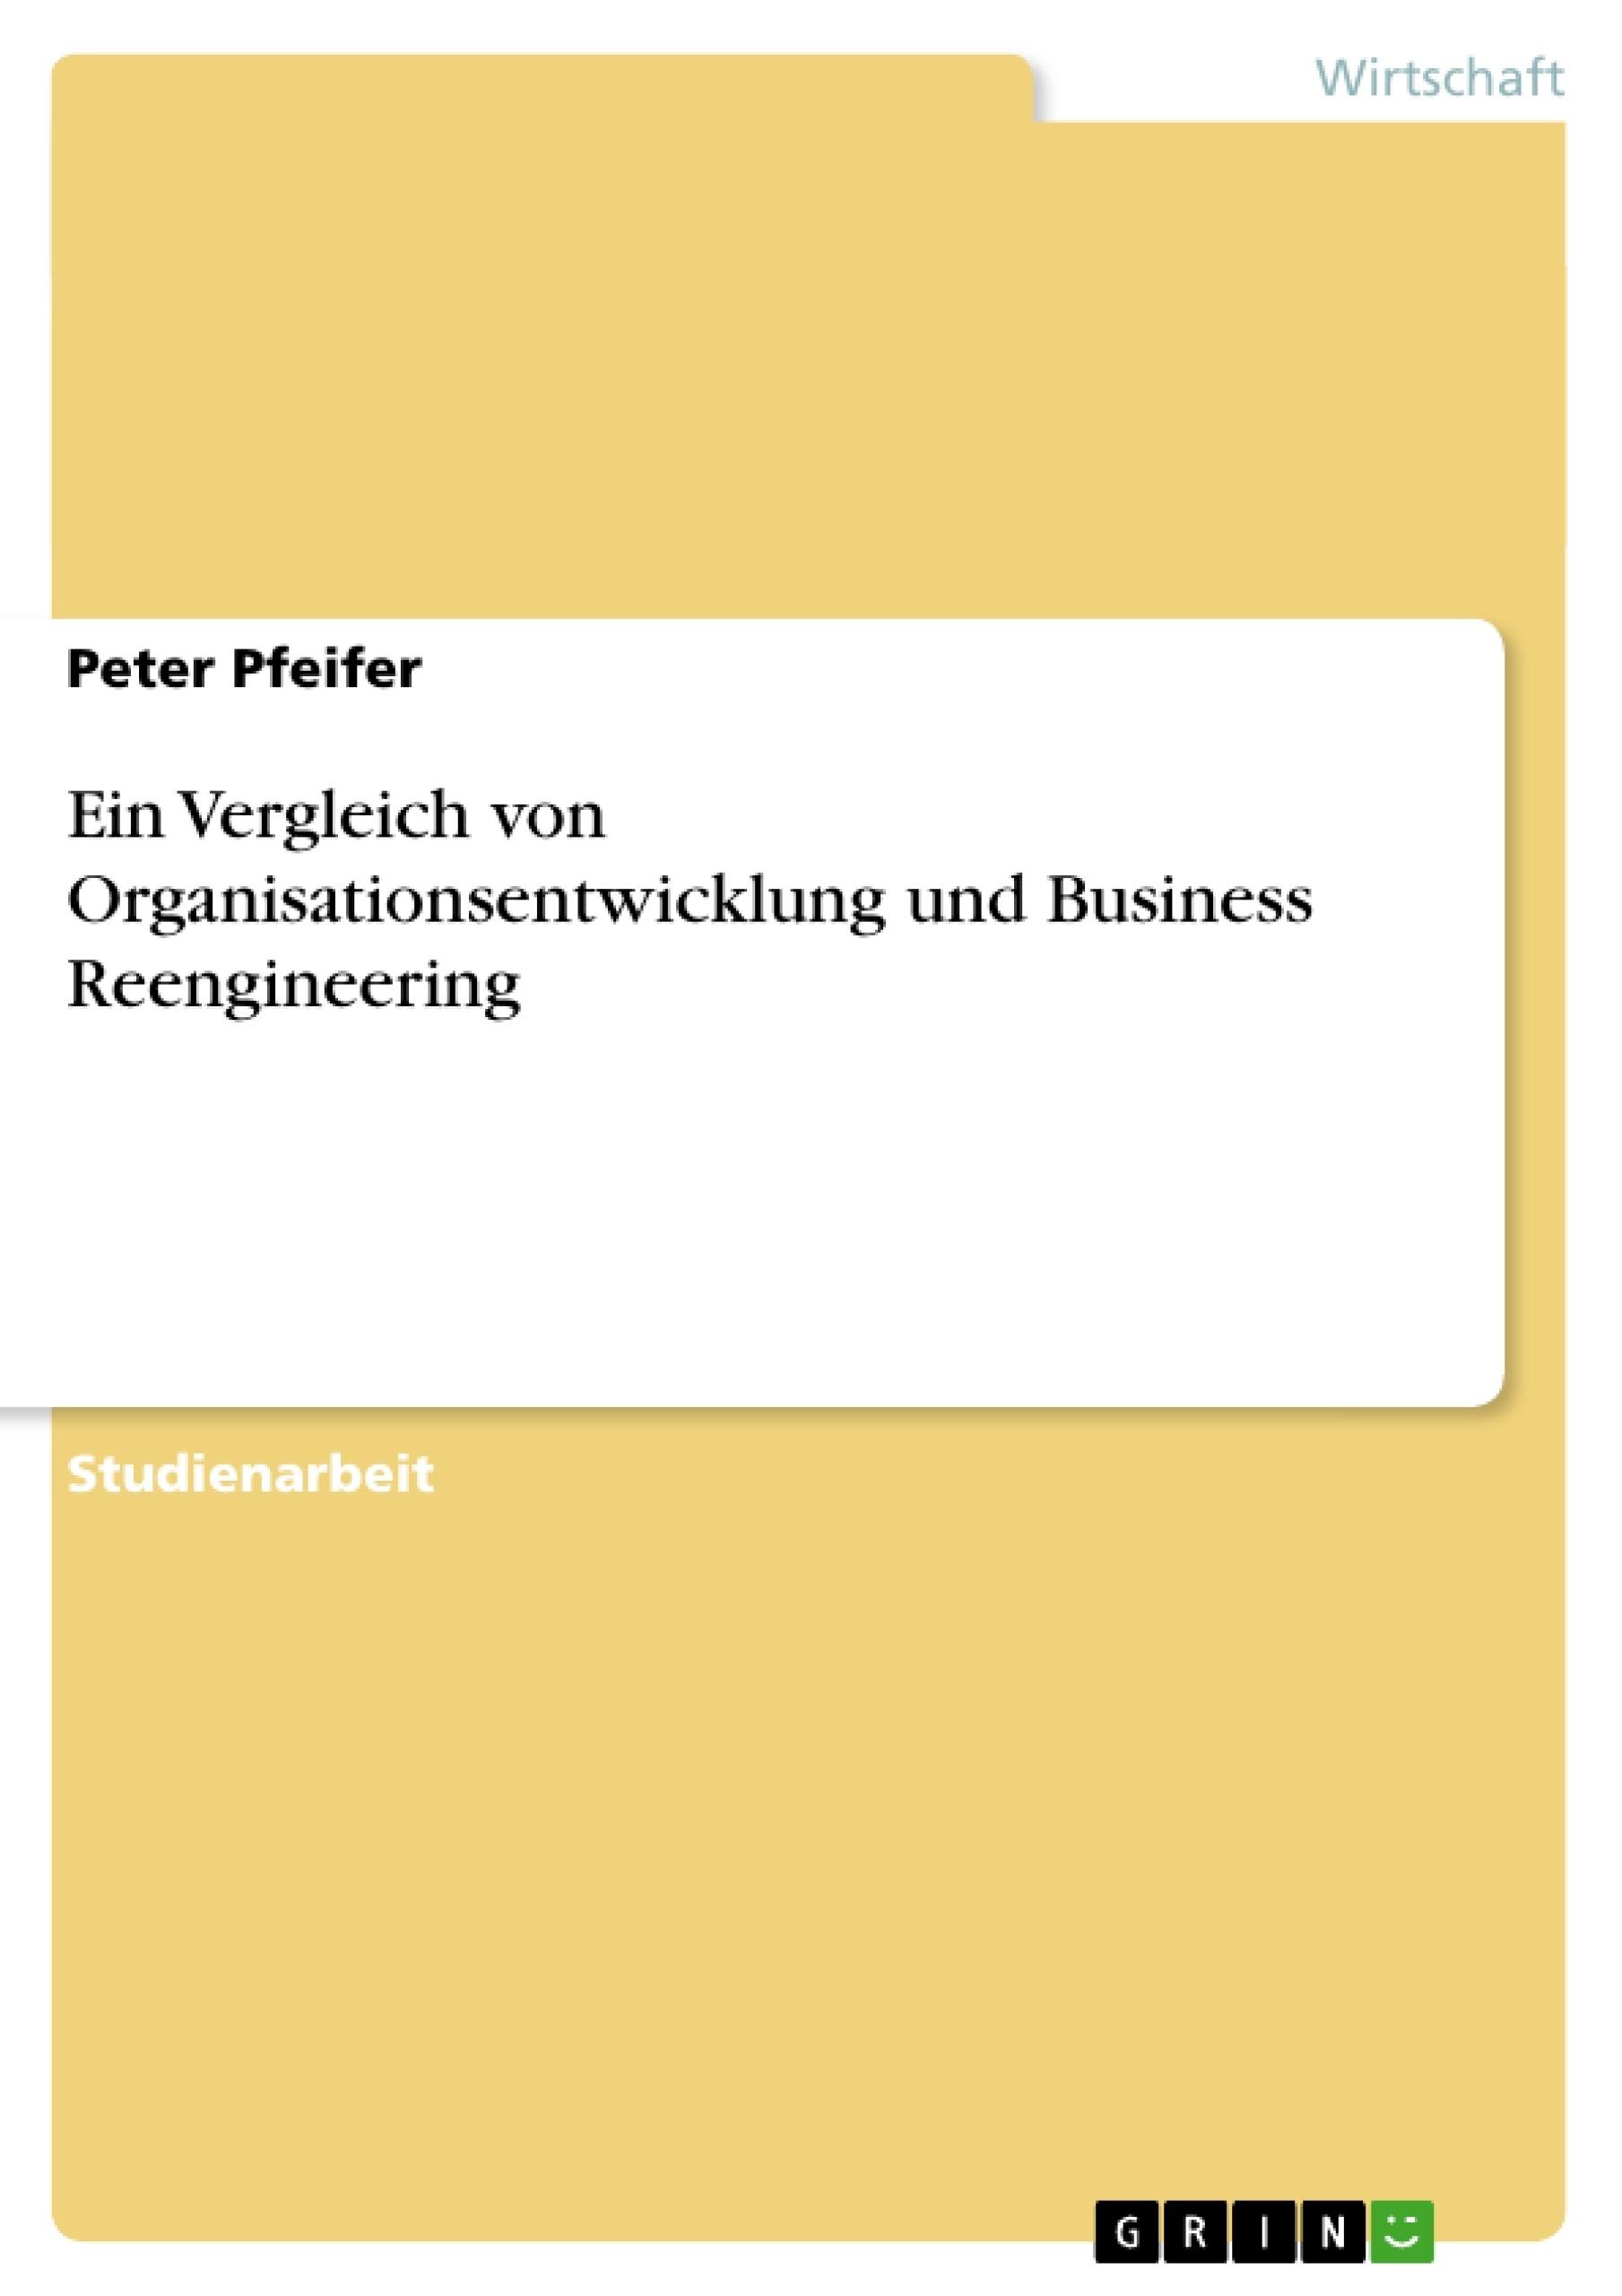 Titel: Ein Vergleich von Organisationsentwicklung und Business Reengineering